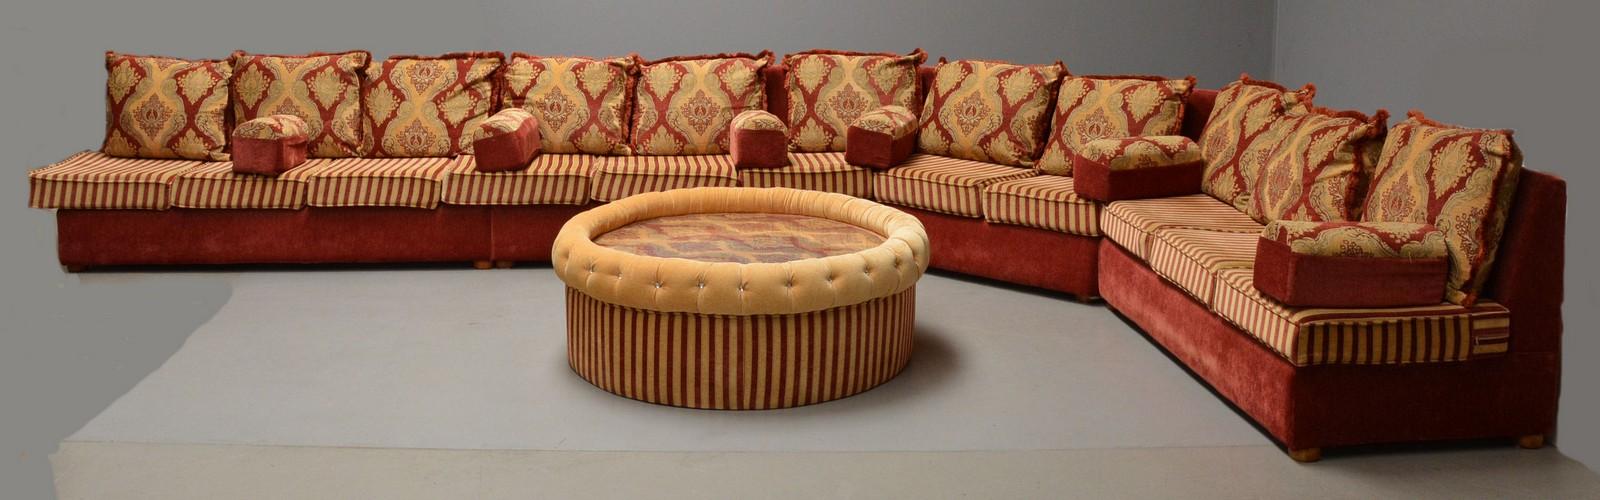 Modulsofa i arabisk stil - Modulsofa i arabisk stil. Polstret med mønstret møbelstof. Hertil puf / sofabord samt talrige puder i tilsvarende stil. Mål som opstillet; L 550, B 330, H 83 cm. Fremstår med brugsspor